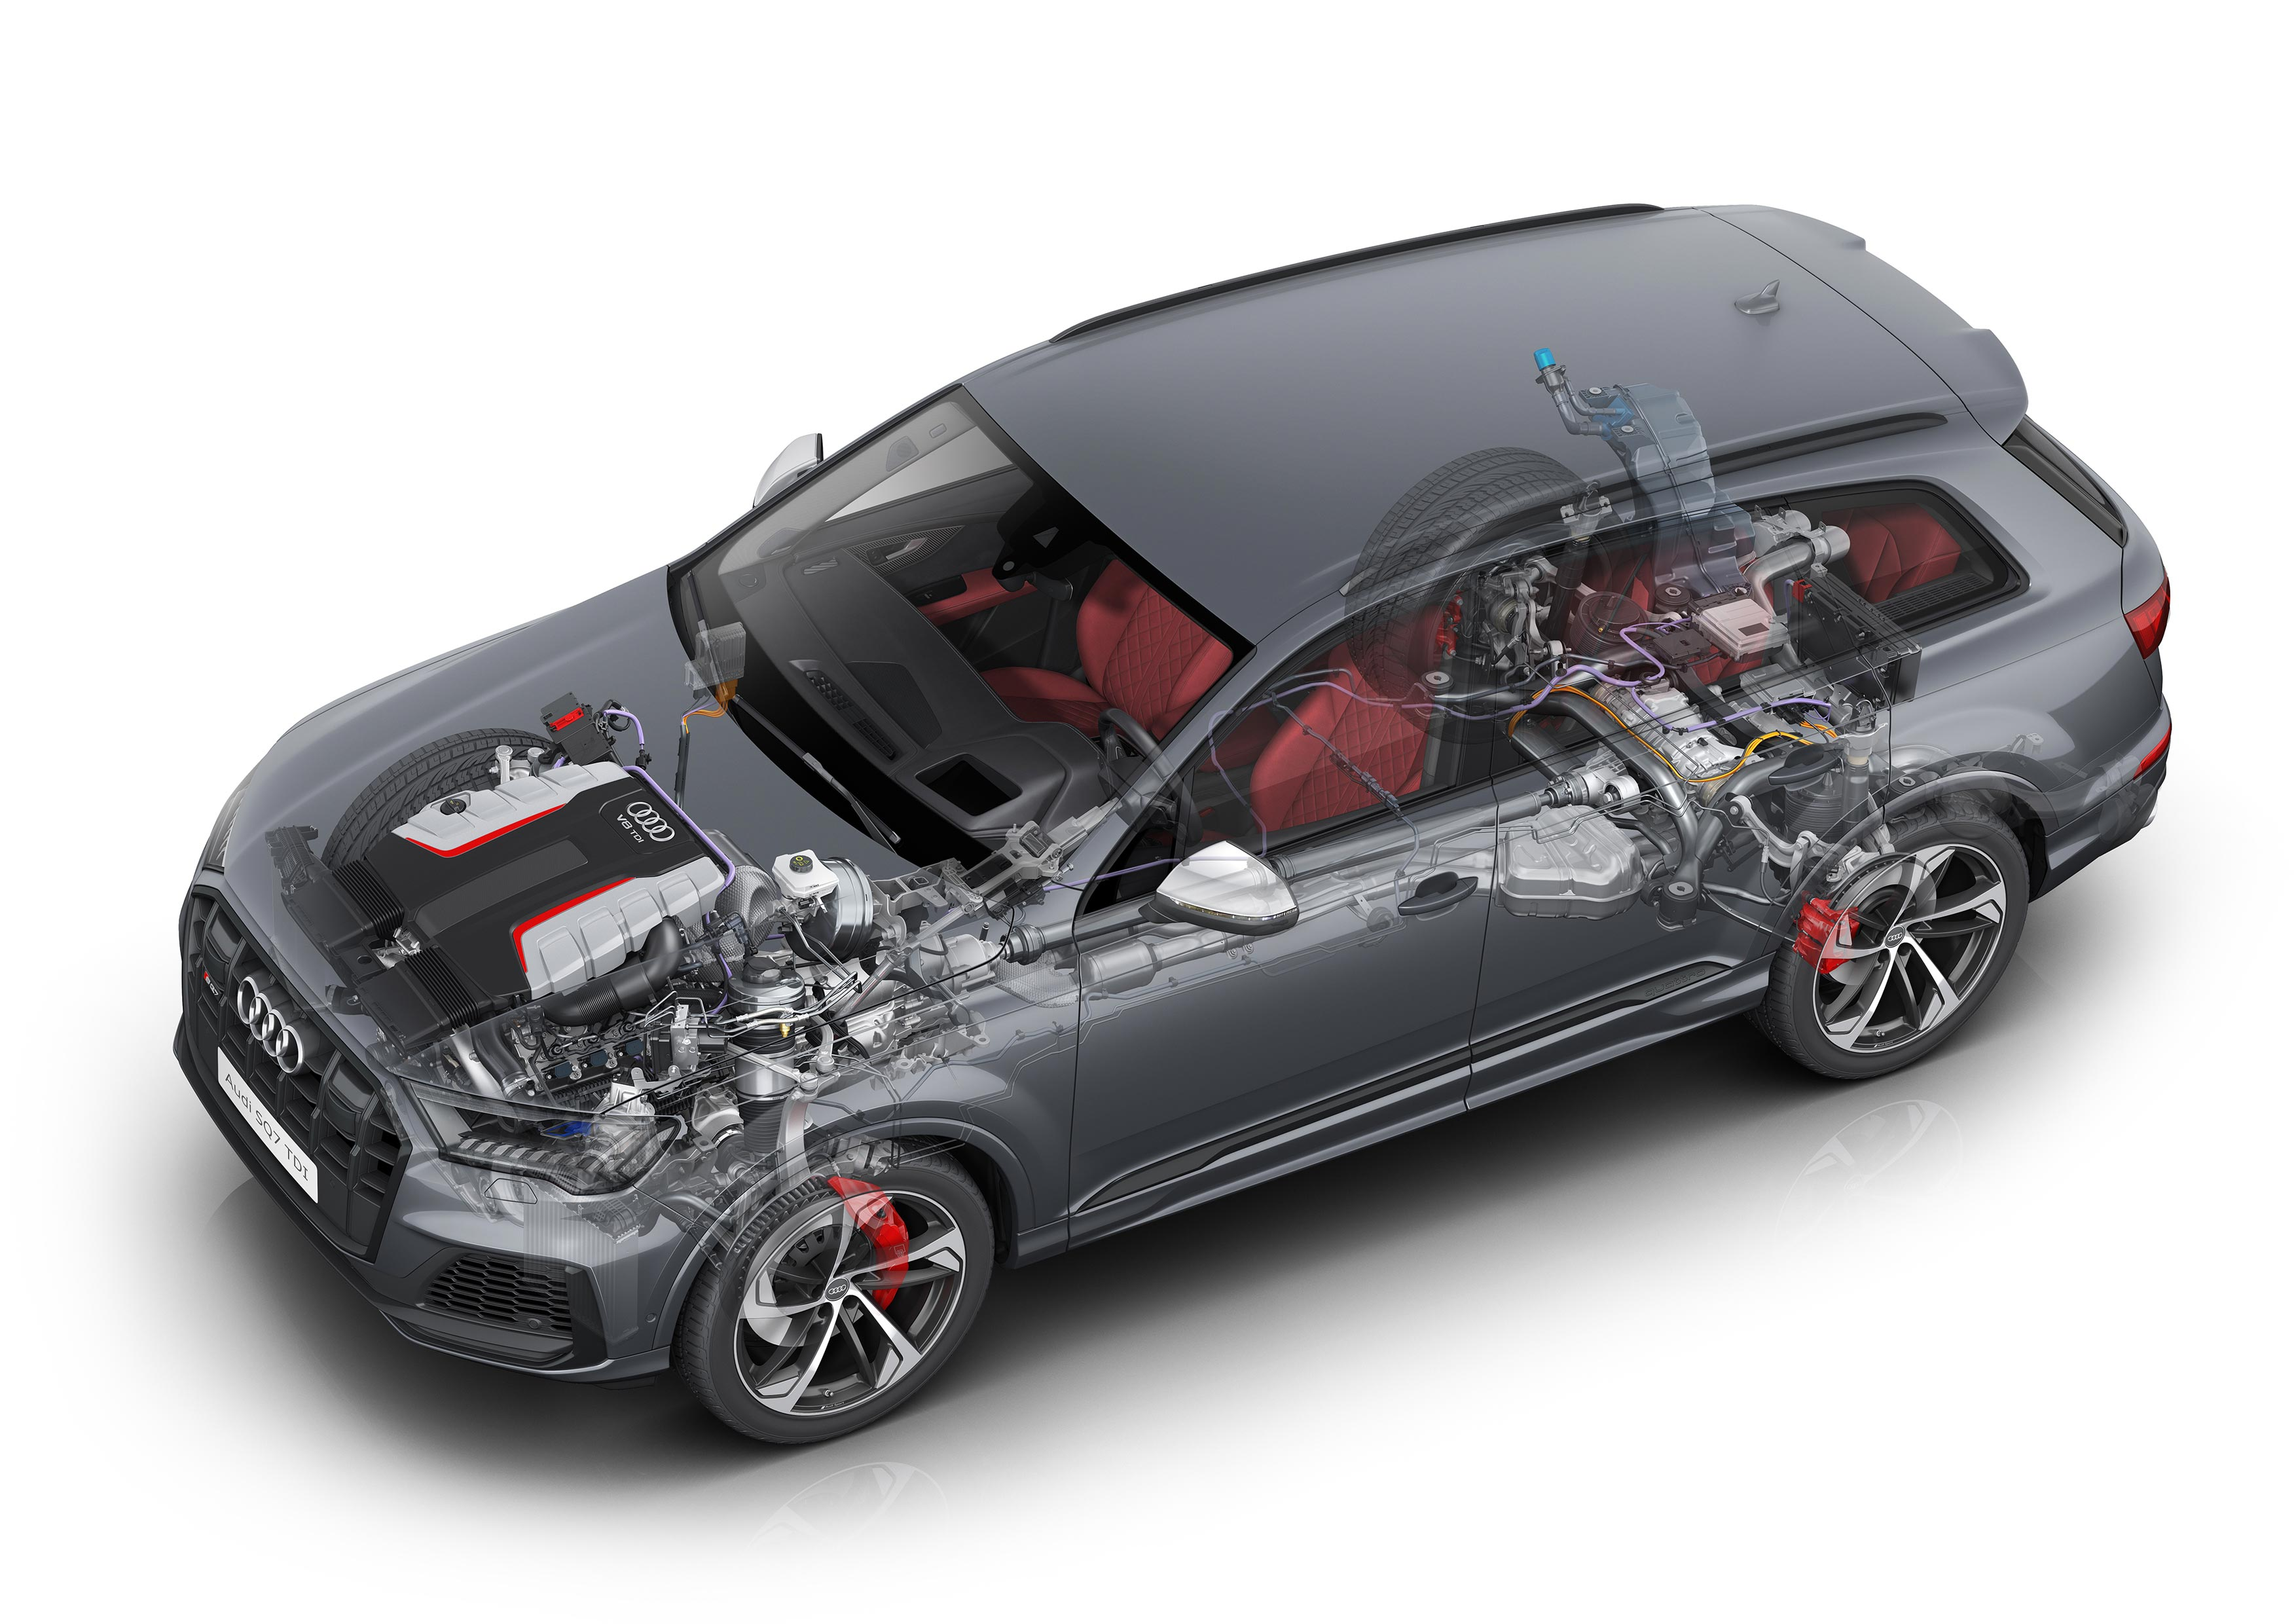 Audi SQ7 TDI cutaway drawing